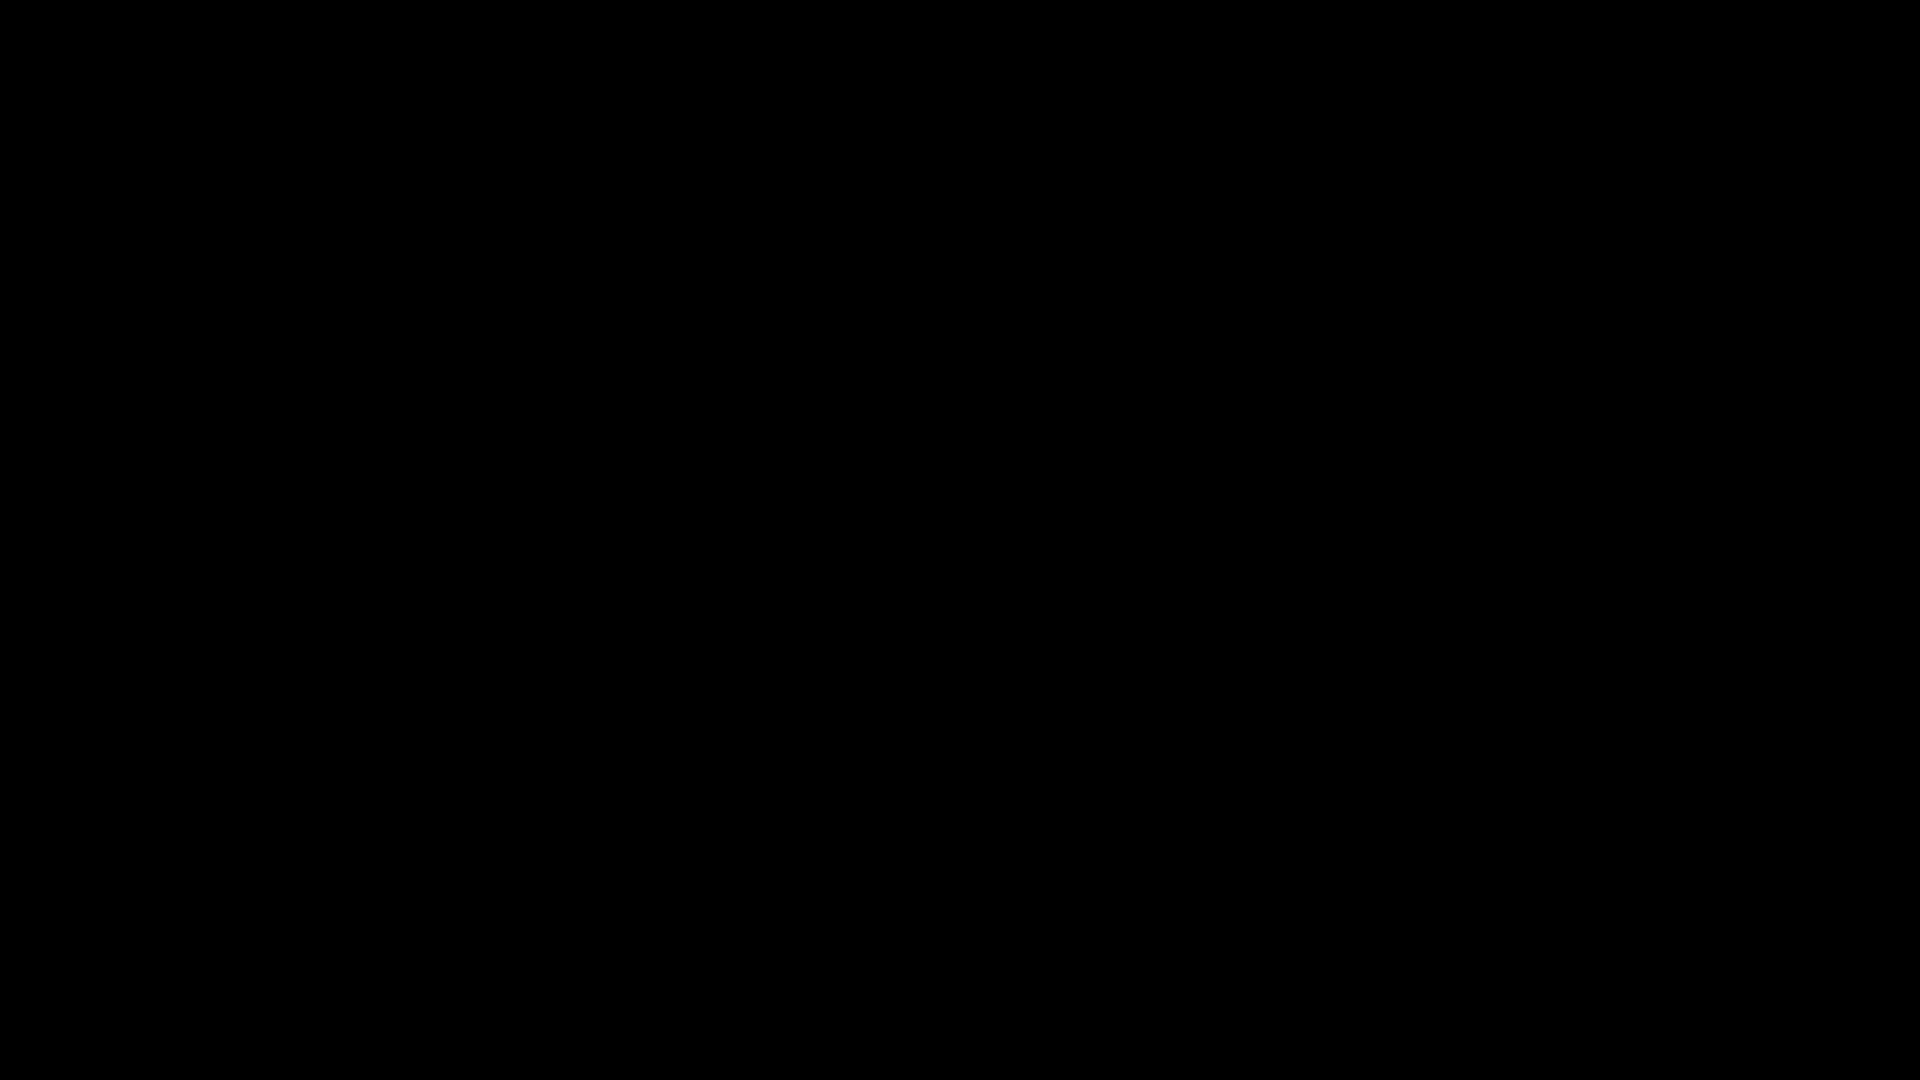 ~厳選!素人イケメン~俺のオナニズムⅡVol.10 無修正 ゲイエロ動画 77pic 20